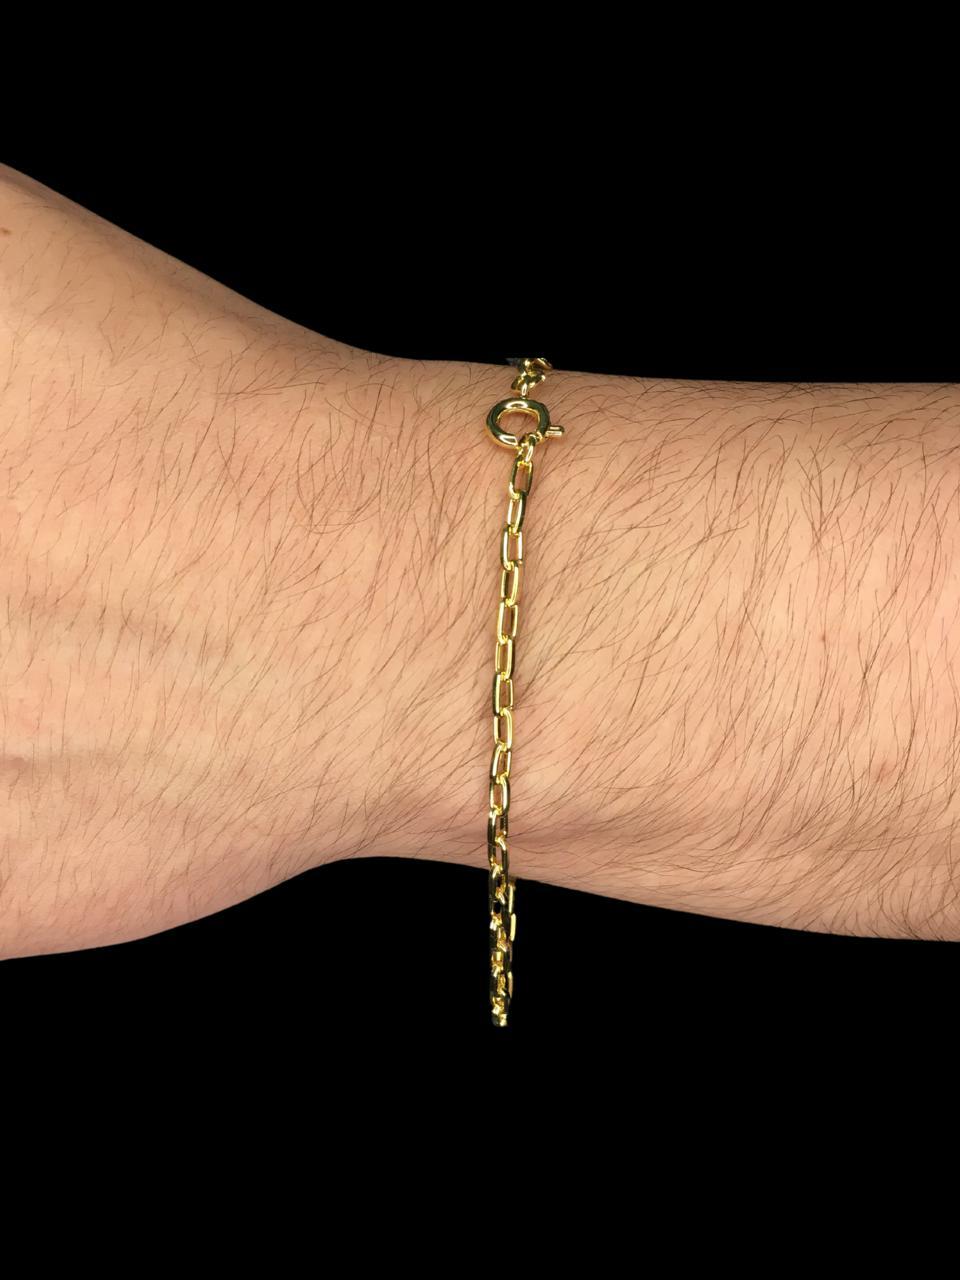 Pulseira Cartie -  2 milímetros  - 22 Centímetros - fecho bóia - Banhado a ouro 18 k